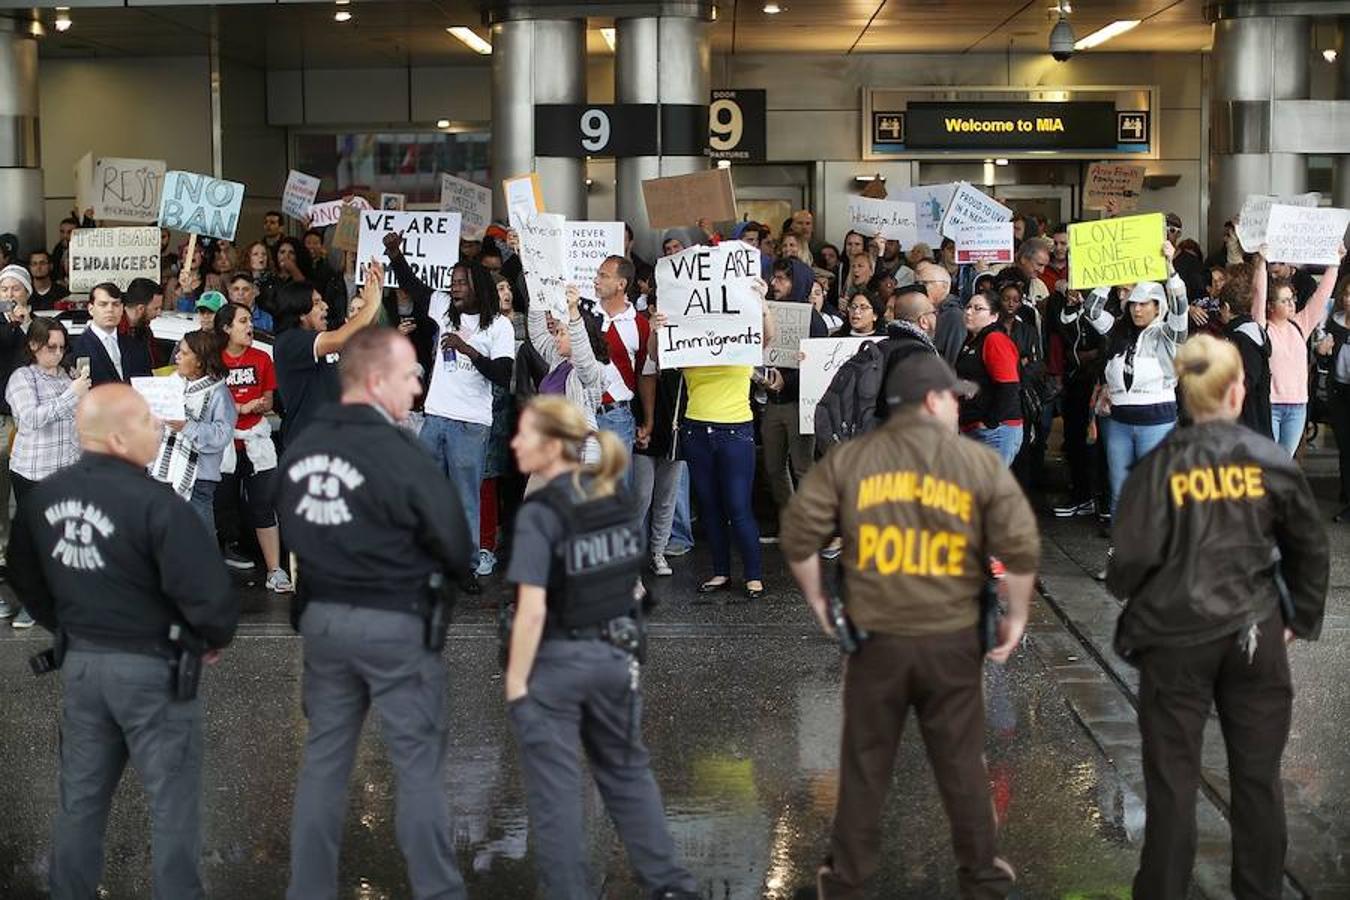 La aplicación automática de este decreto ha provocado, en apenas unas horas, la detención de decenas de pasajeros y el caos en diferentes terminales. En la imagen, el aeropuerto de Miami